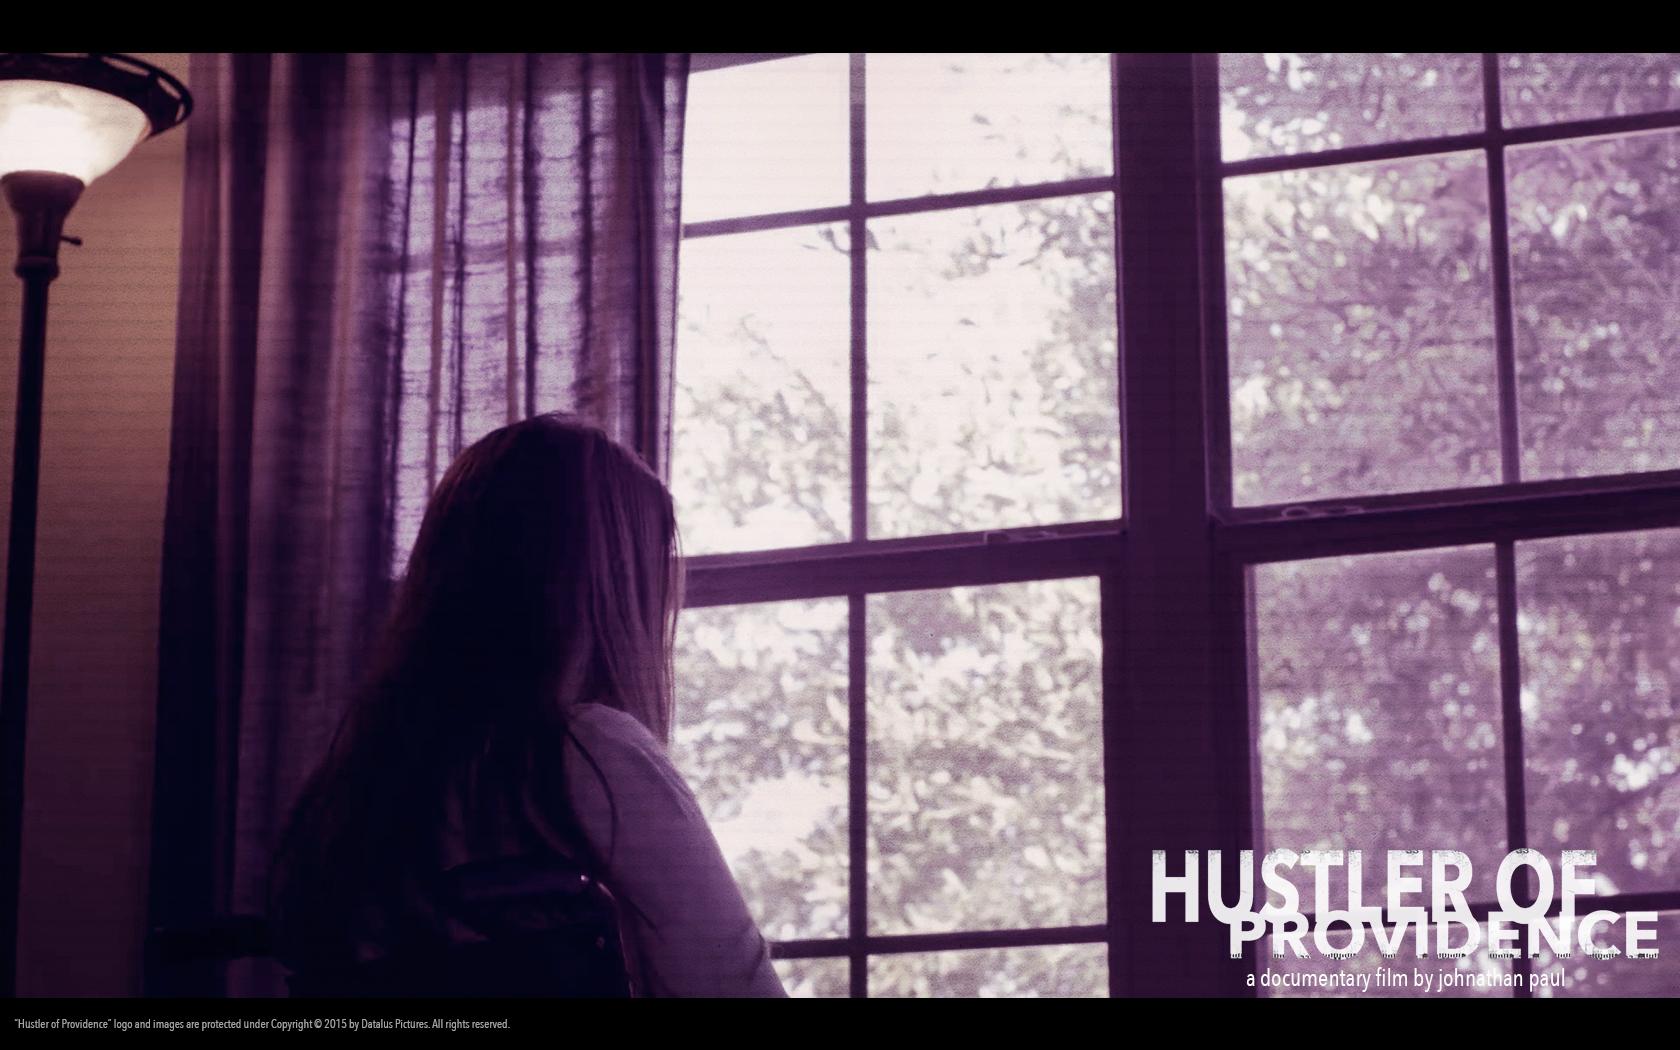 Hustler of Providence